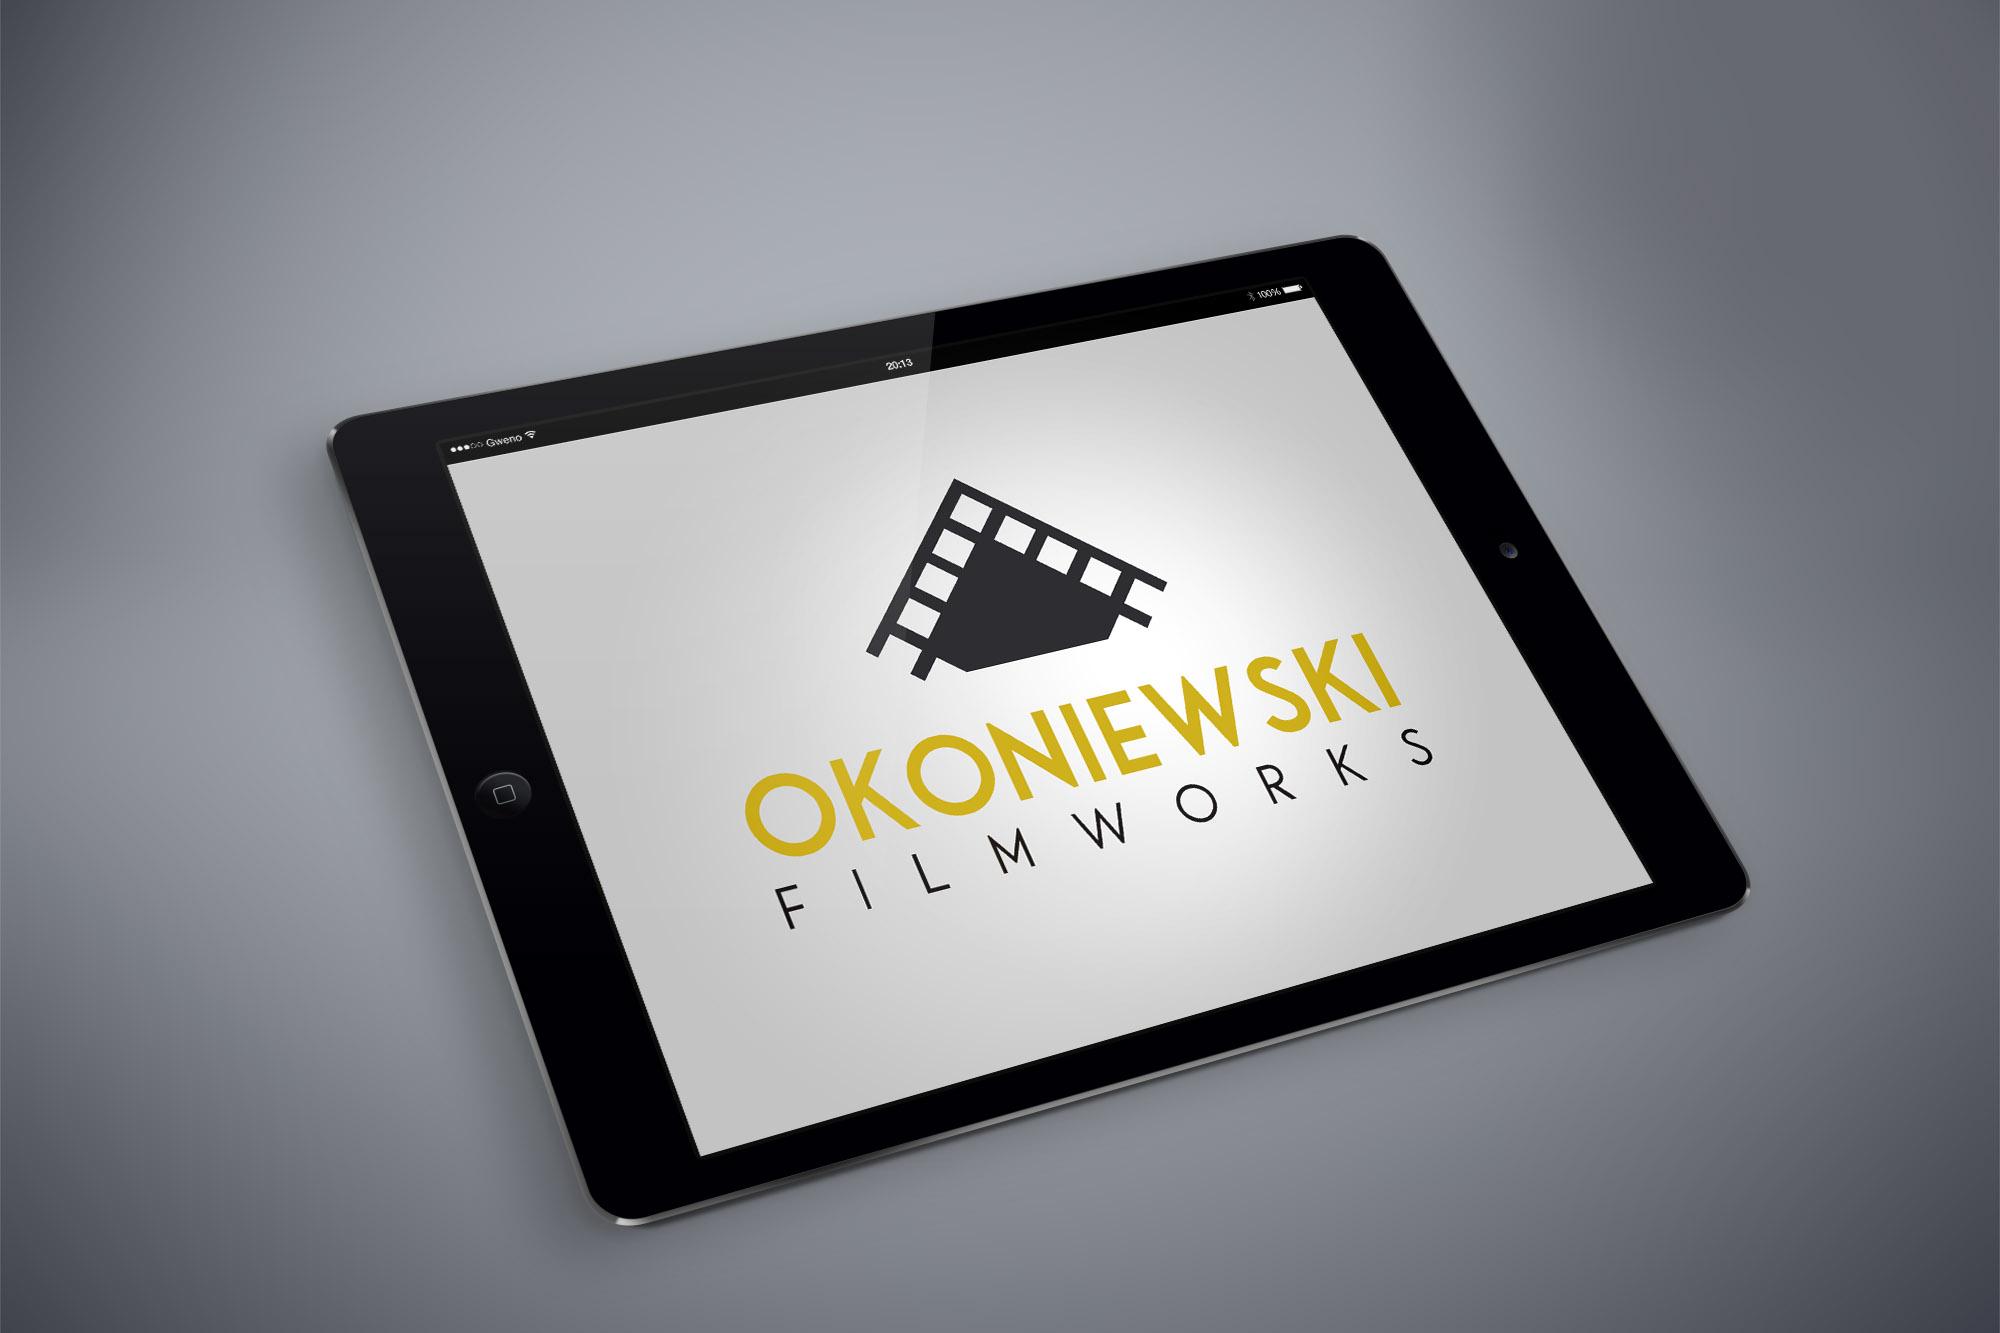 okoniewski